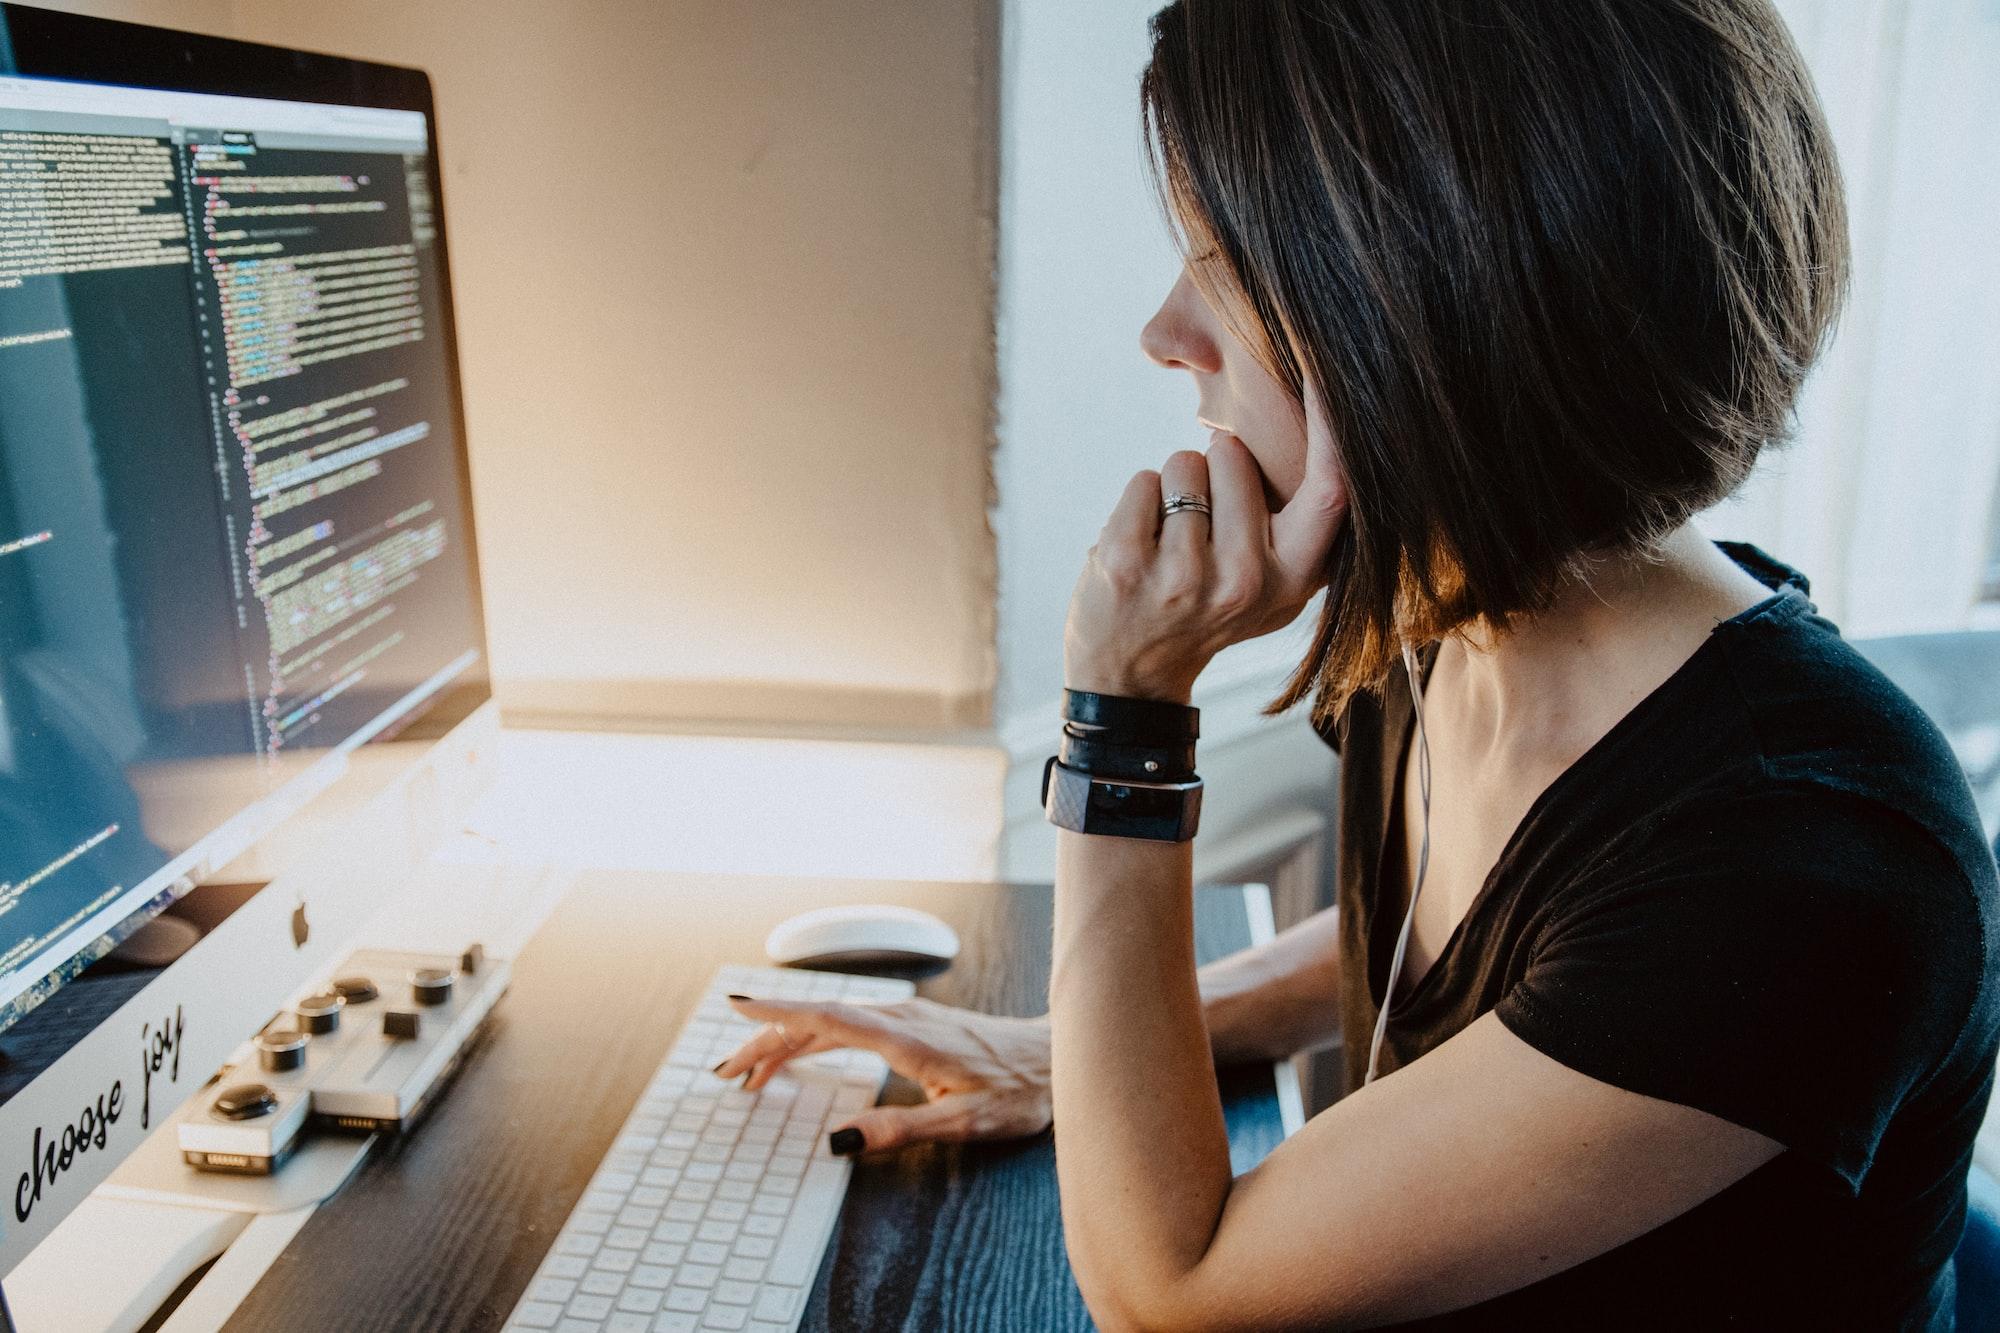 Kvinnor som kodar